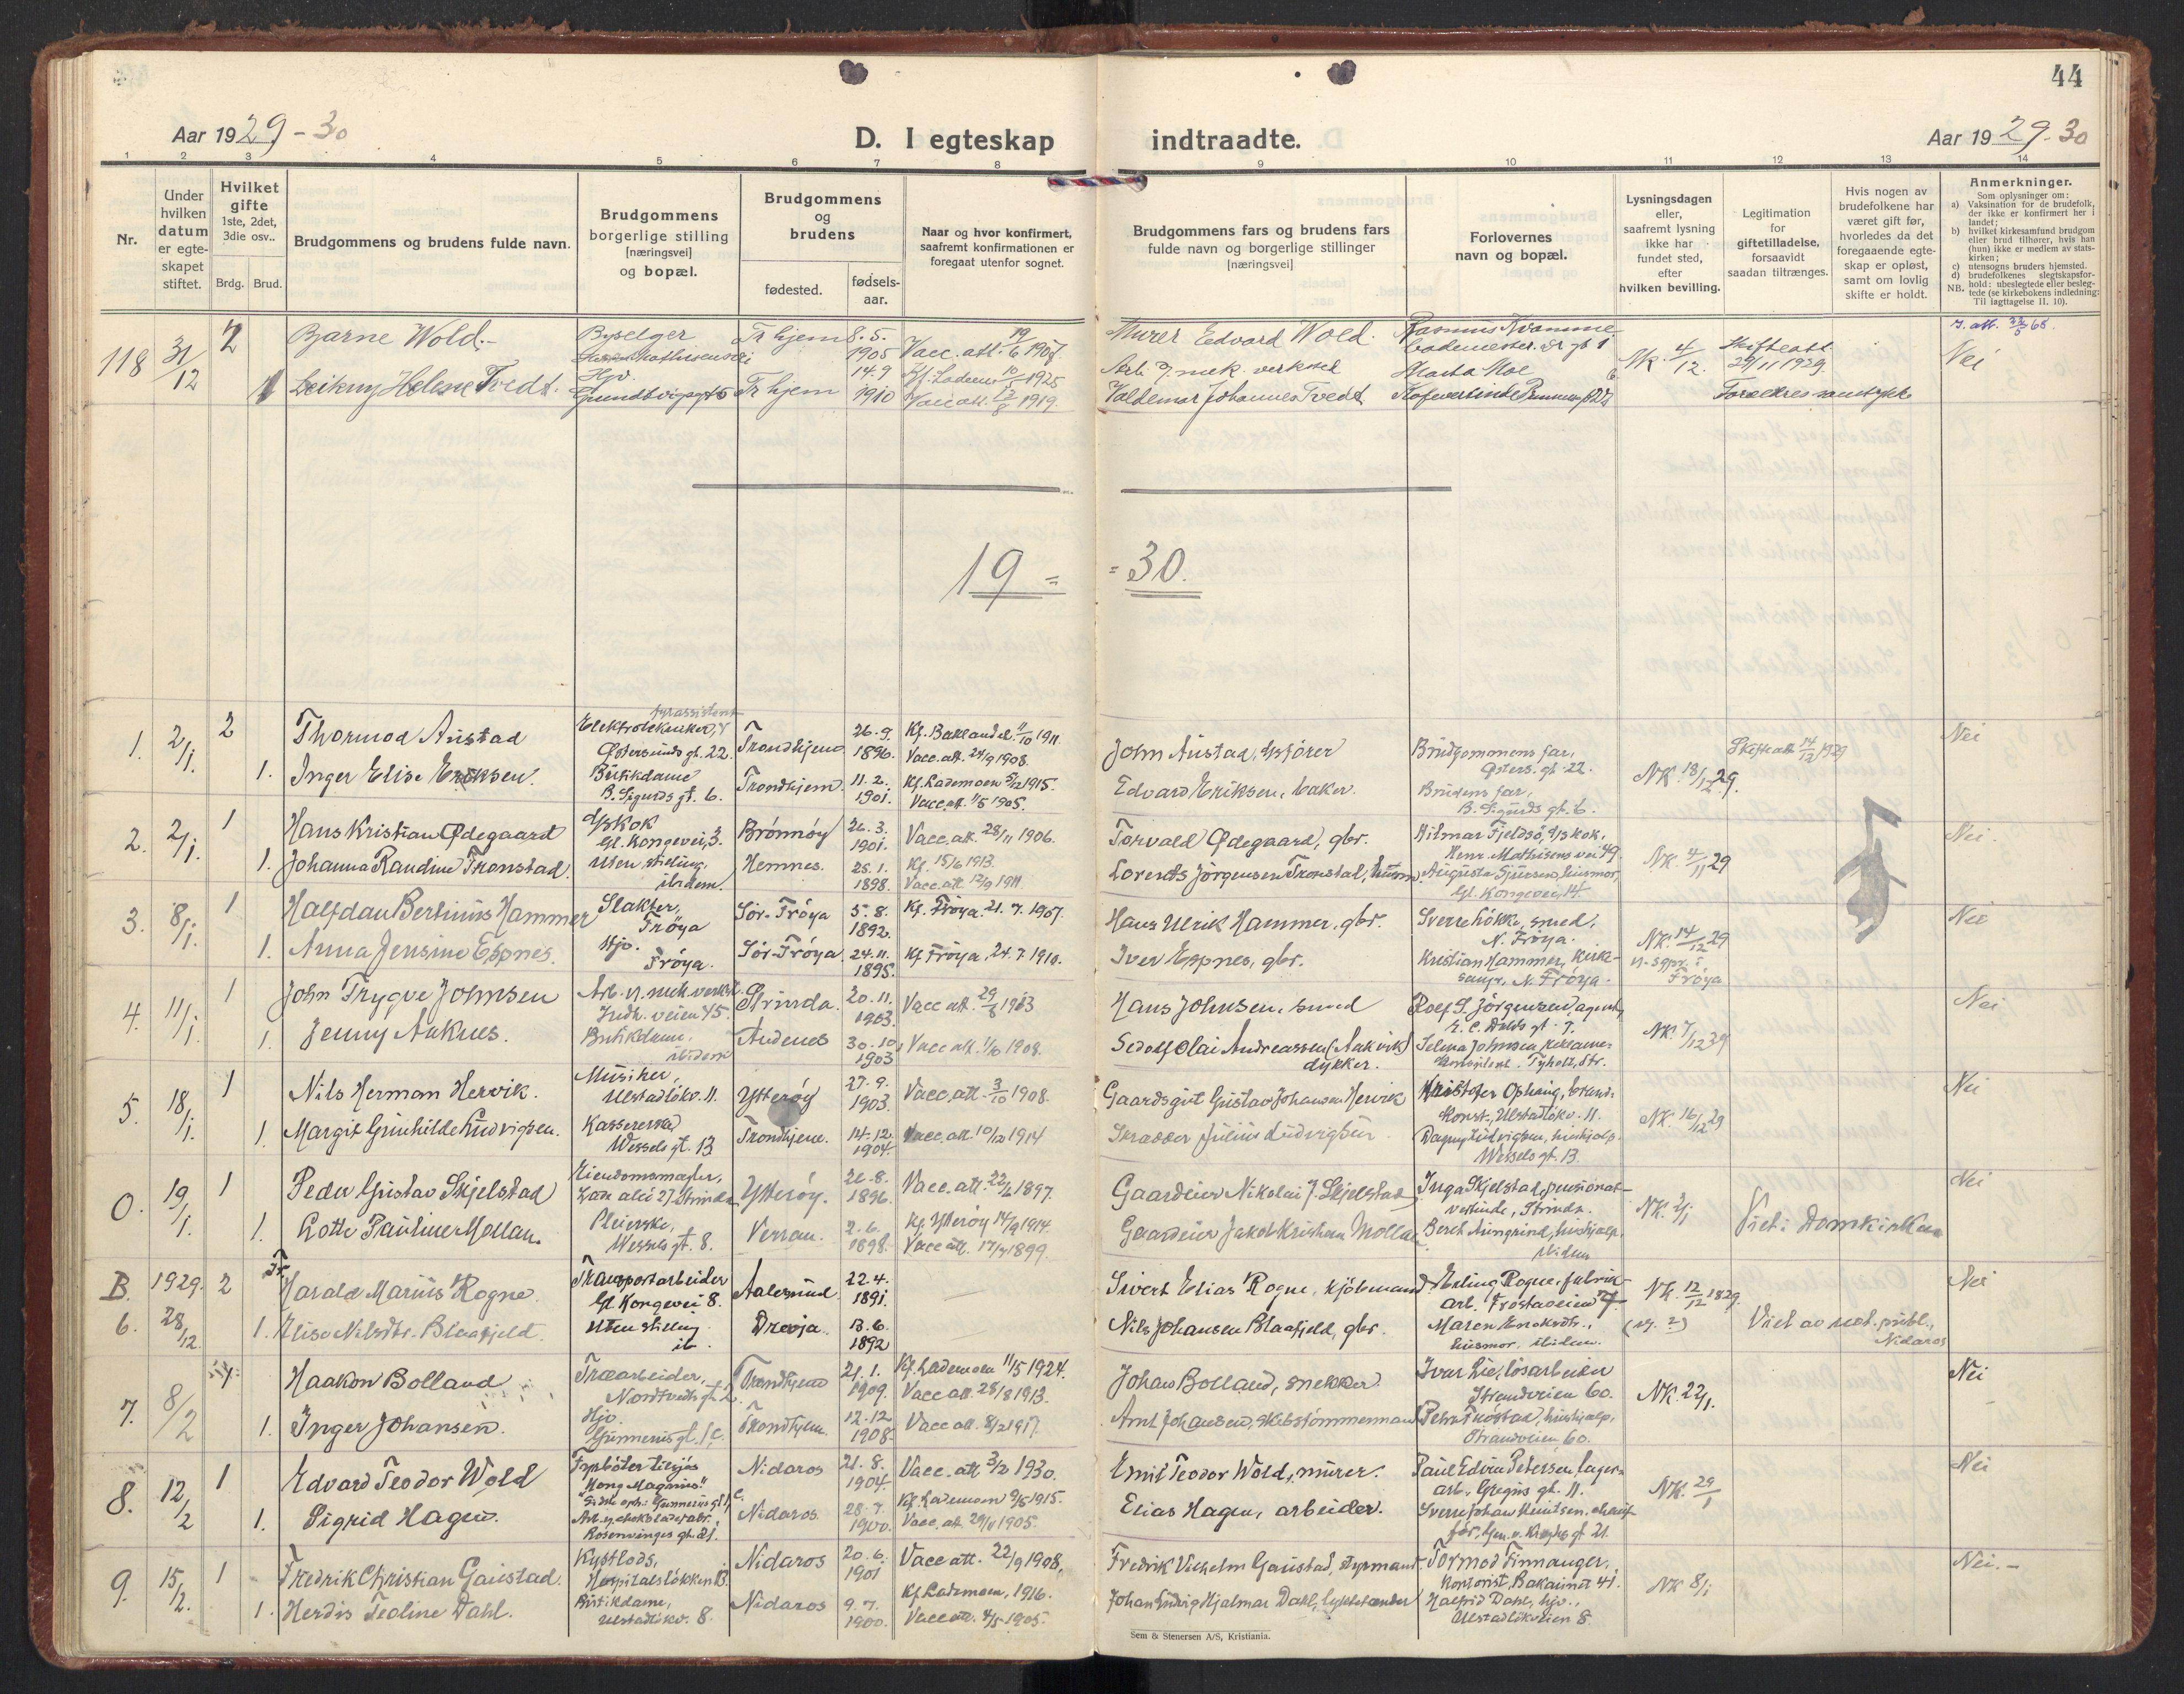 SAT, Ministerialprotokoller, klokkerbøker og fødselsregistre - Sør-Trøndelag, 605/L0249: Ministerialbok nr. 605A11, 1925-1936, s. 44